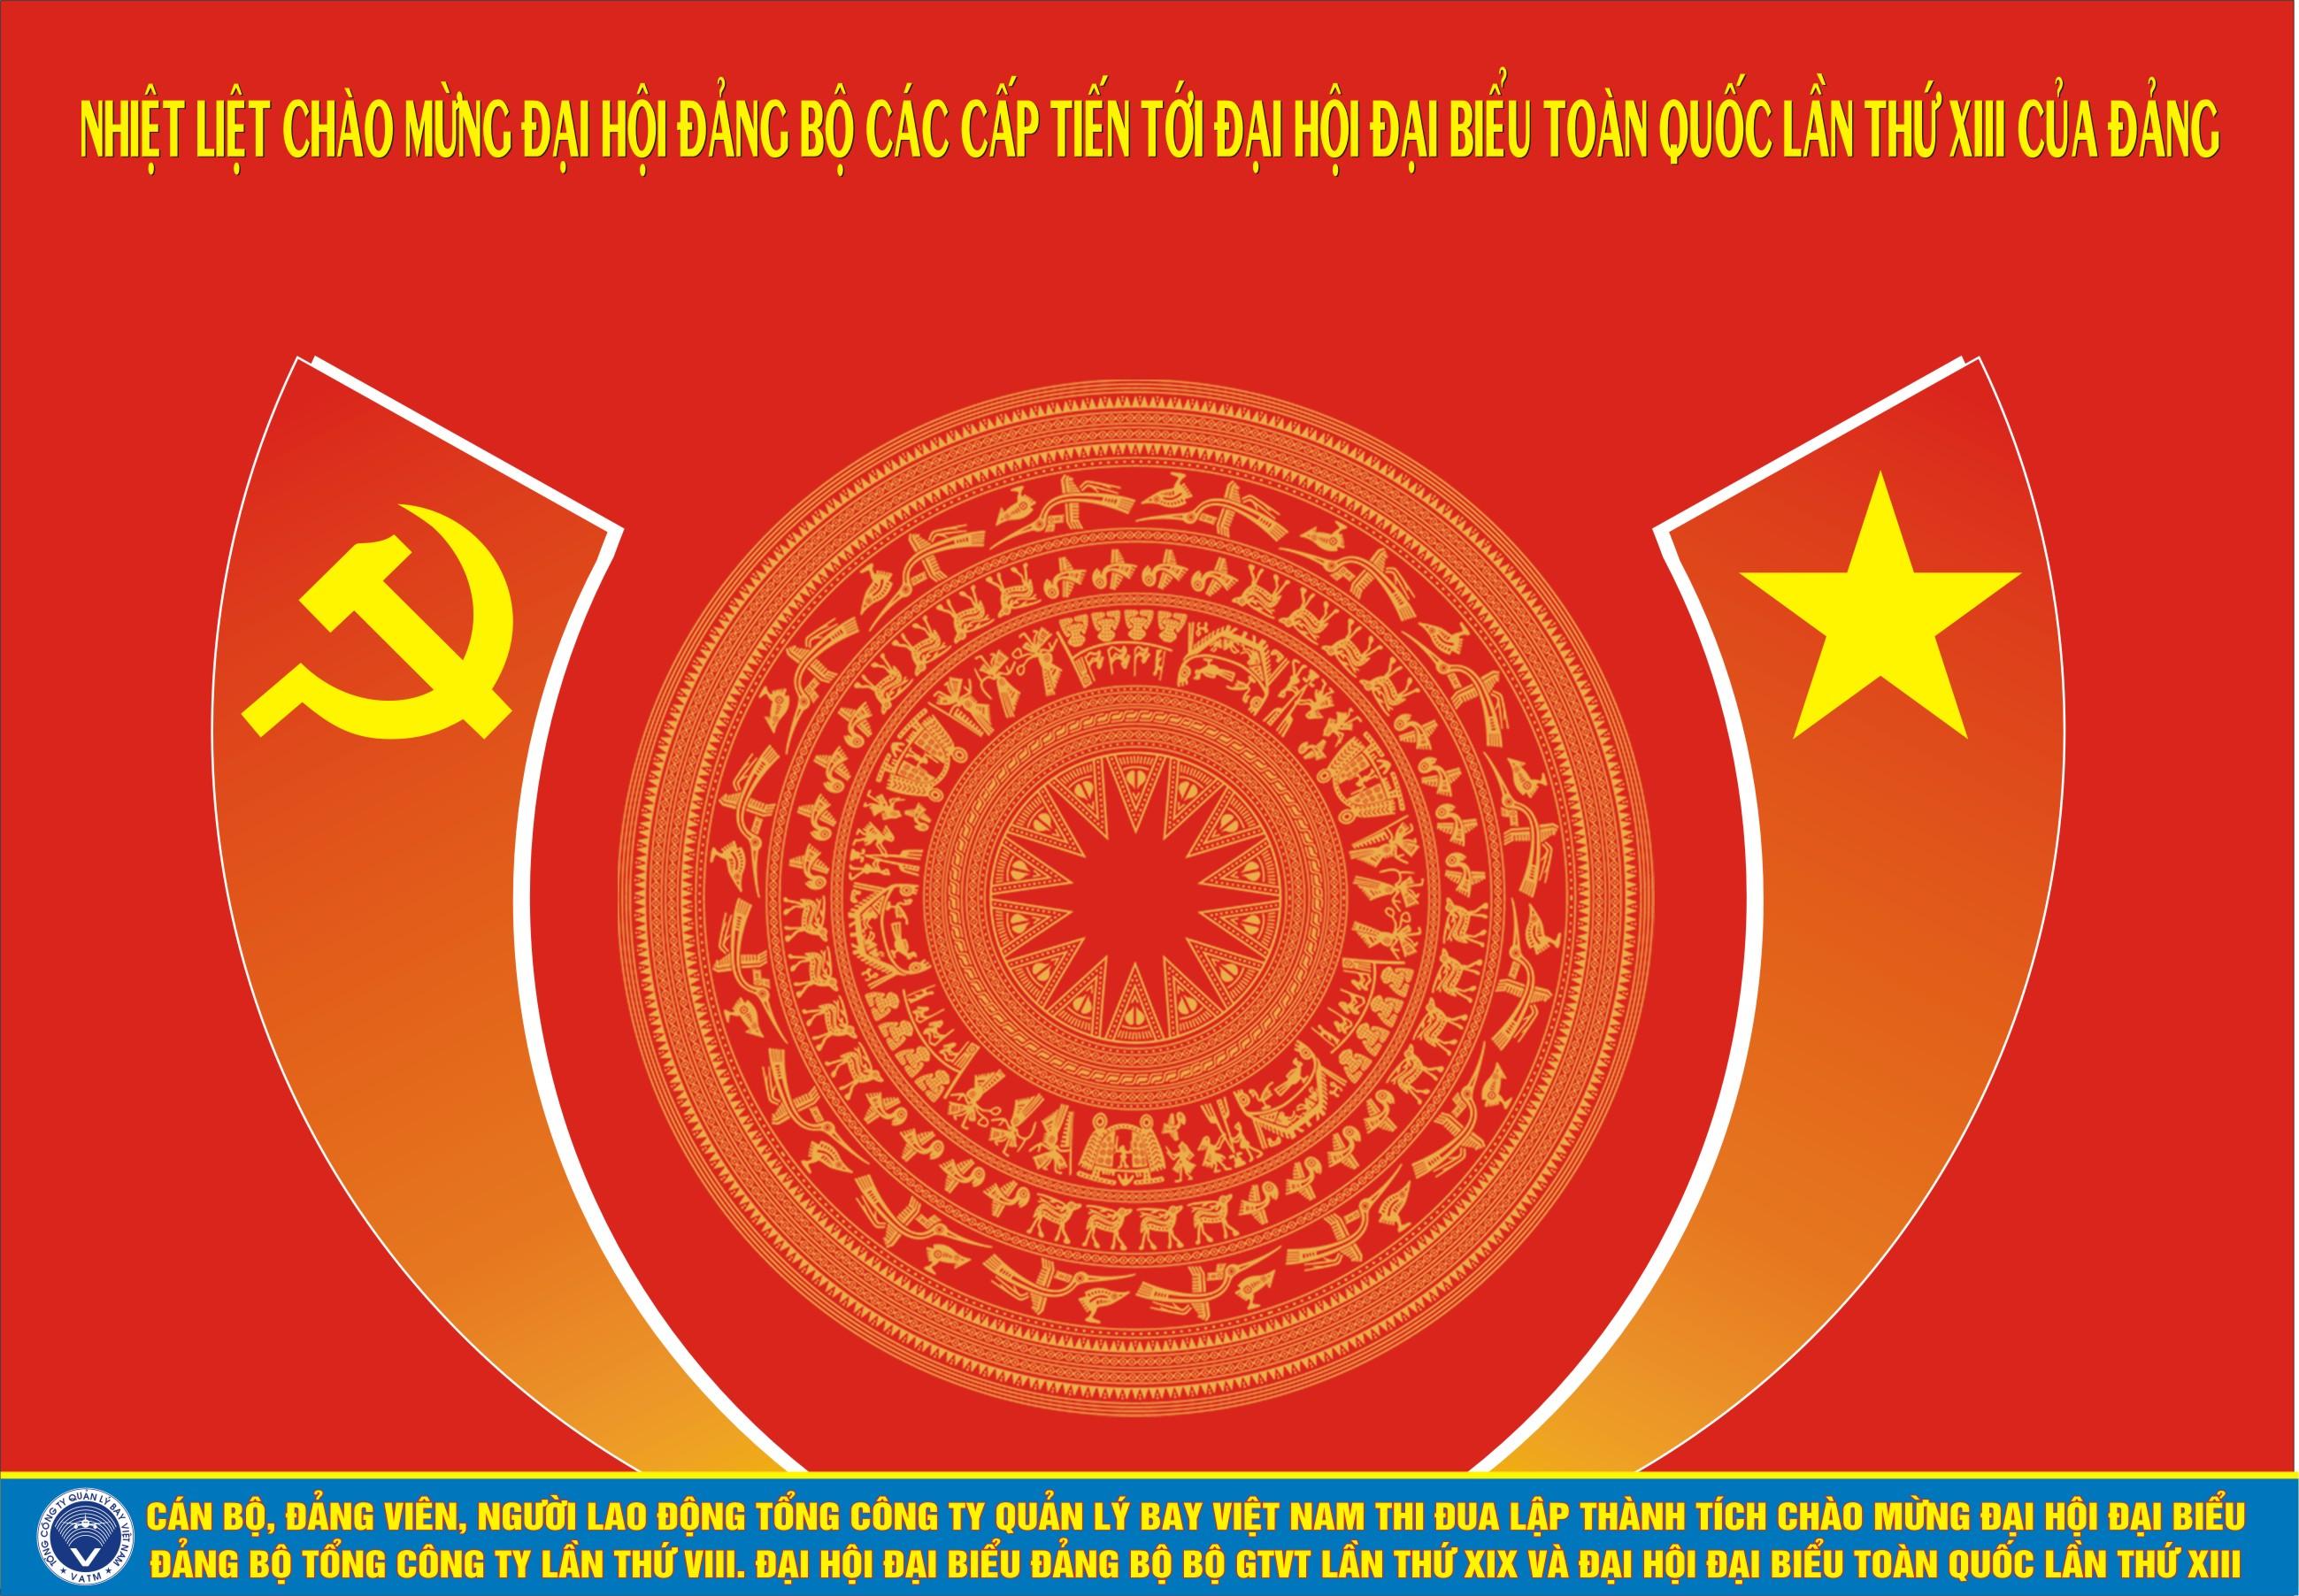 Đảng ủy VATM: Ban hành các kế hoạch chào mừng Đại hội Đảng bộ các cấp tiến tới Đại hội đại biểu toàn quốc lần thứ XIII của Đảng